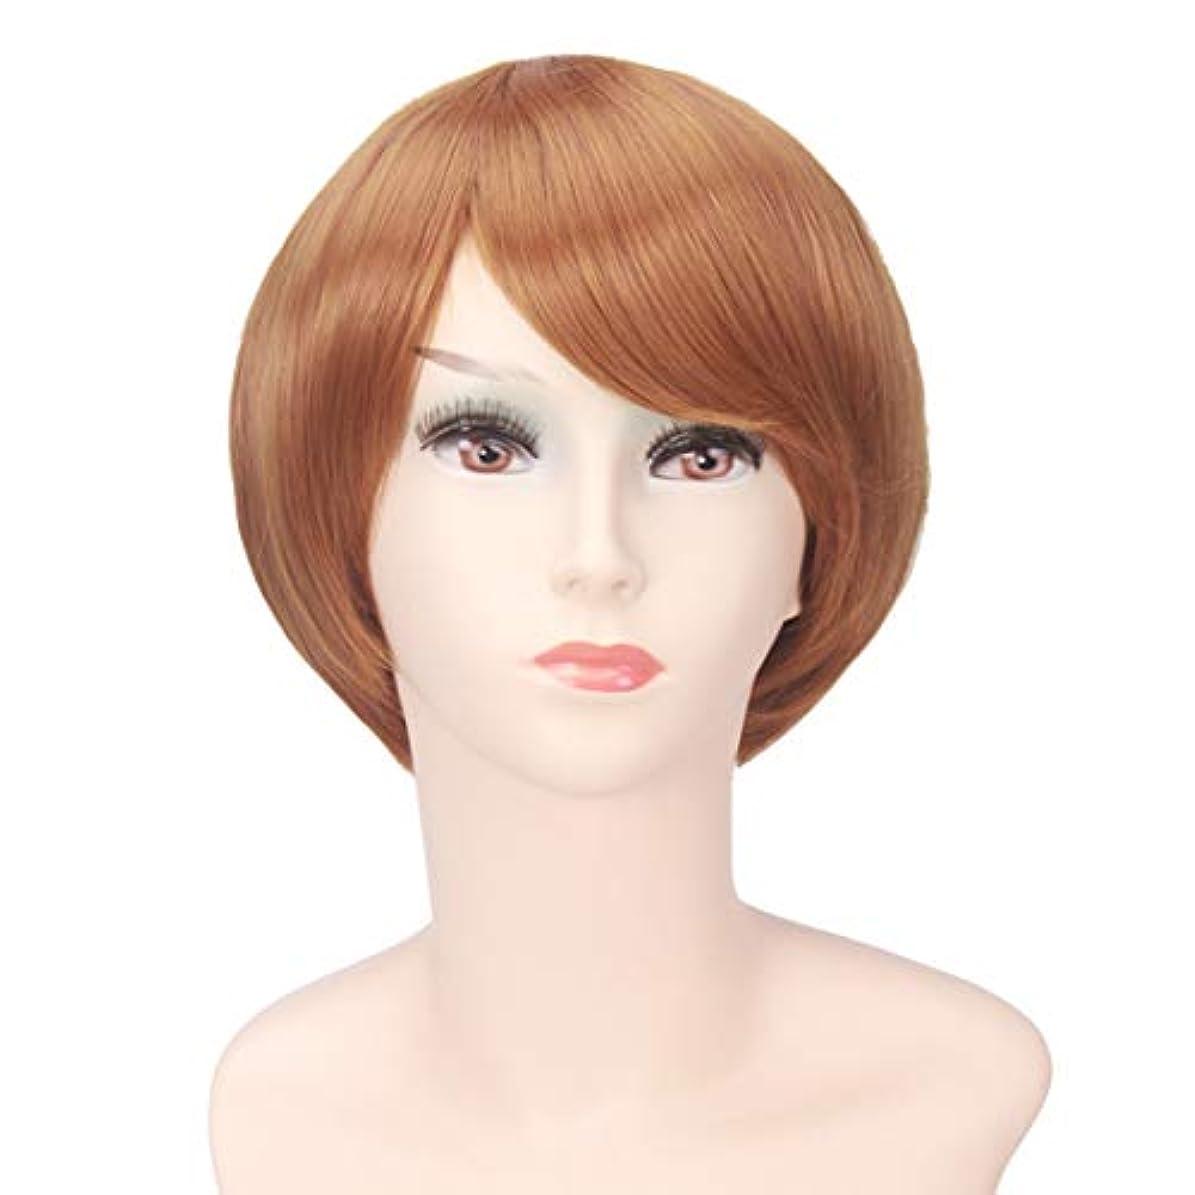 コウモリピアース十億YOUQIU 女性のかつらのためにボブ?ヘッド茶ショートストレート髪高温シルクウィッグ (色 : Photo Color)